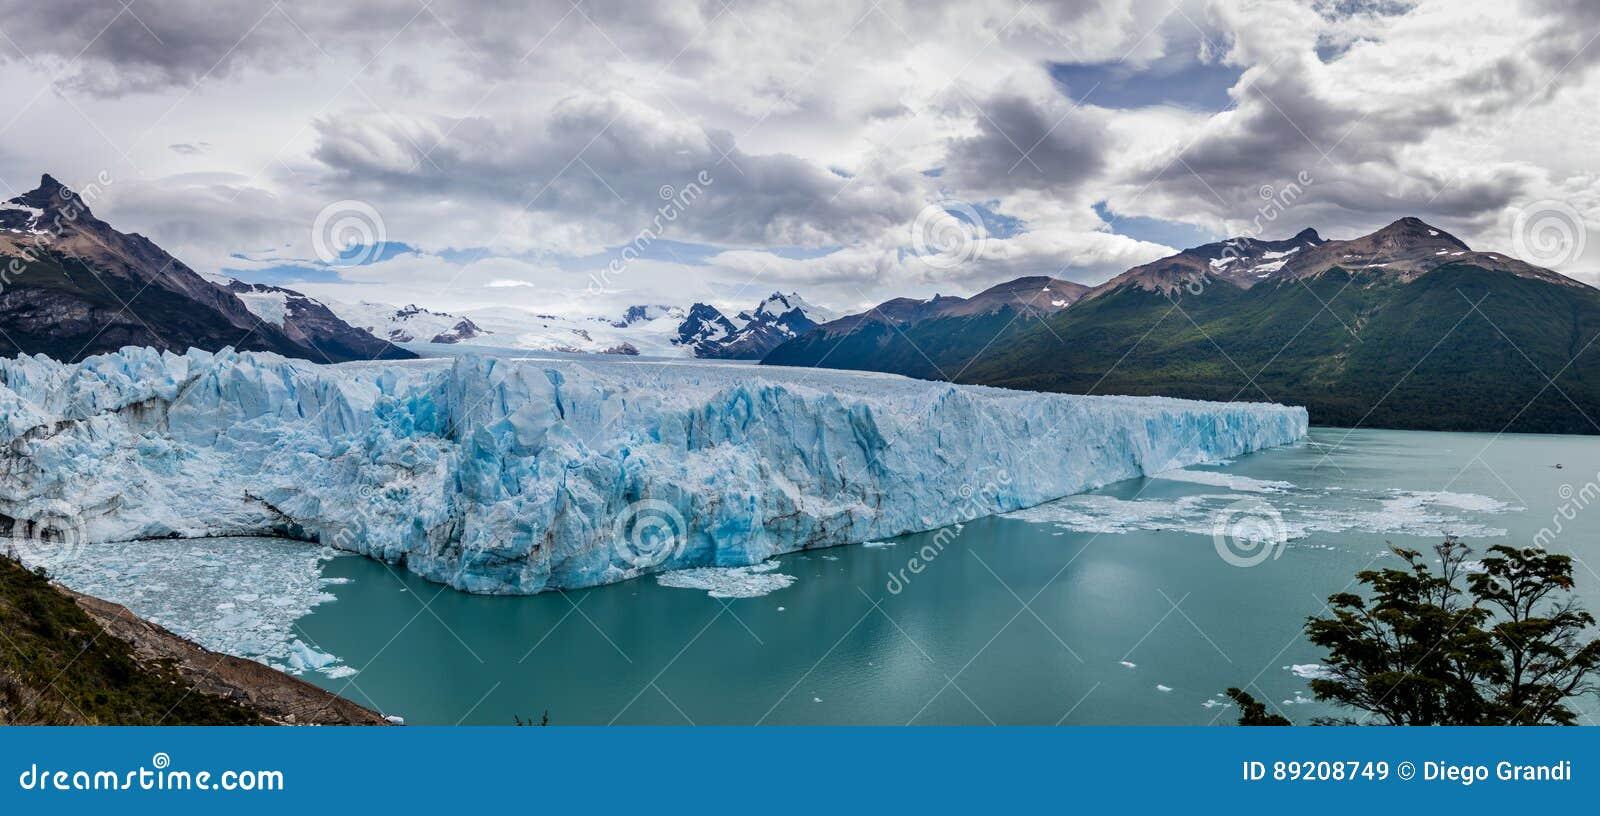 Panorama de Perito Moreno Glacier en la Patagonia - EL Calafate, la Argentina